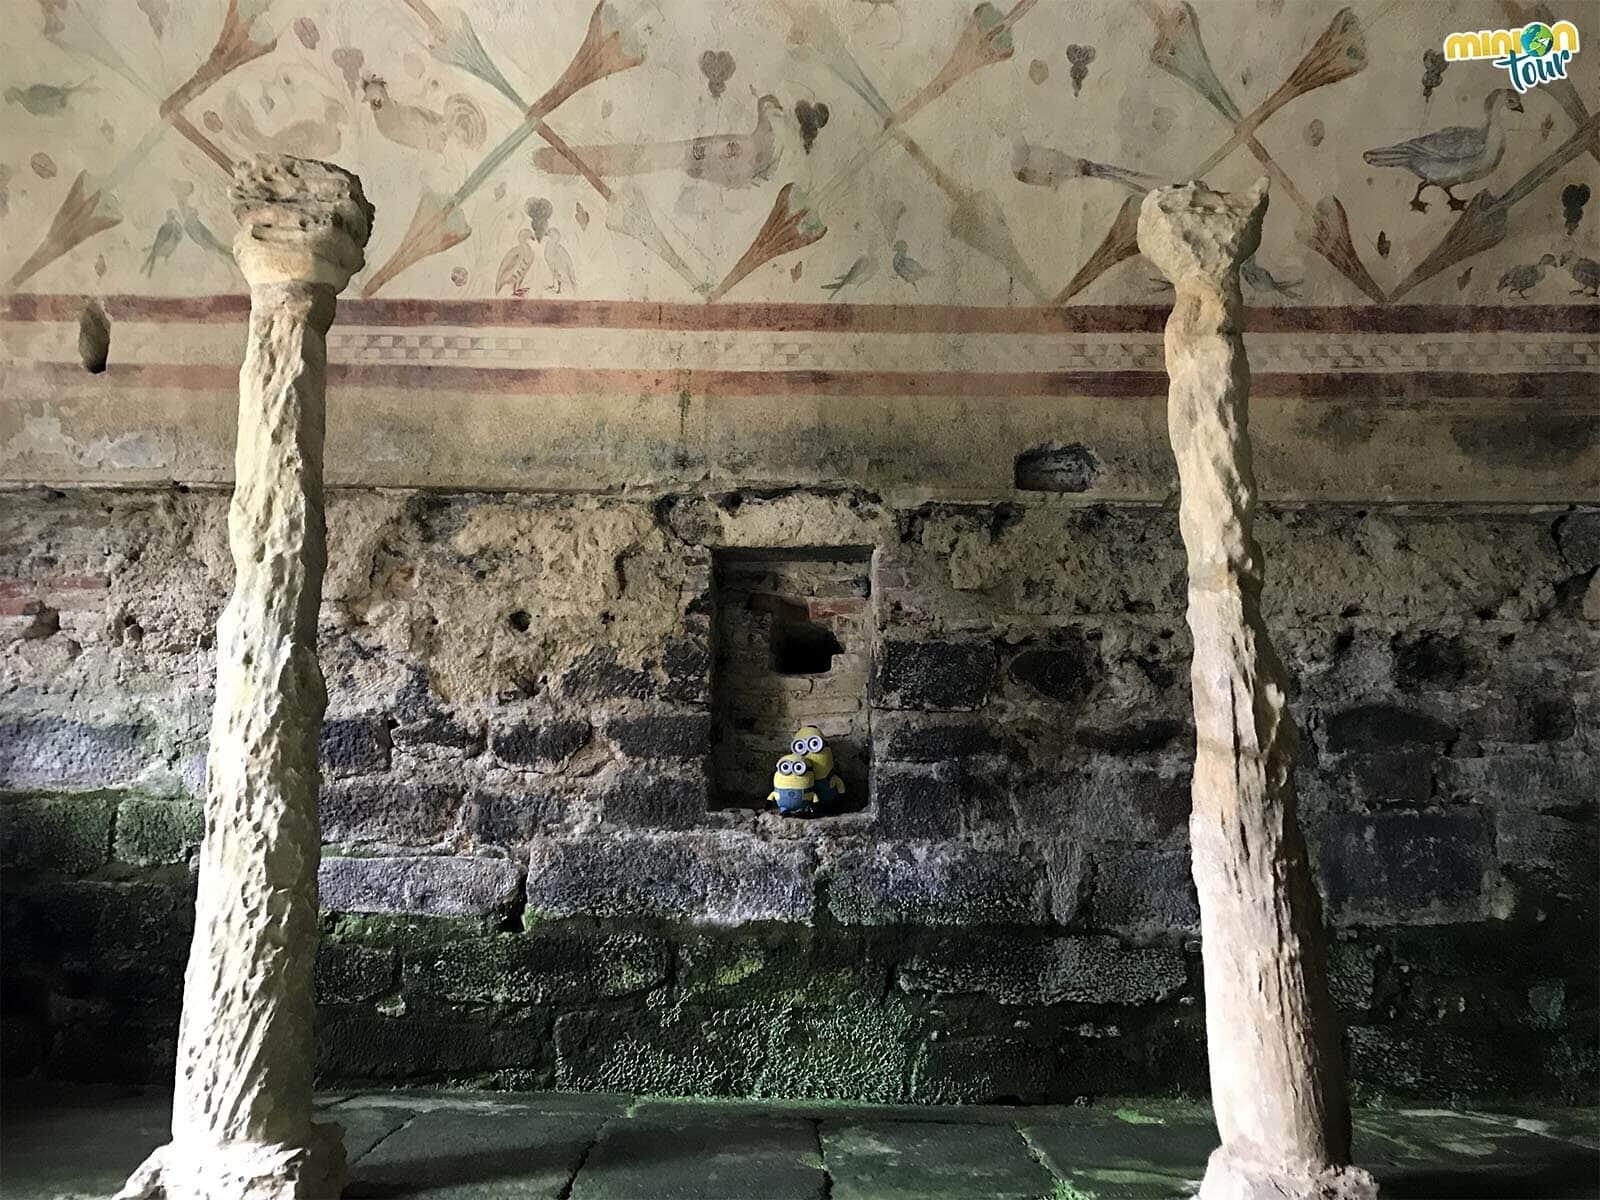 Estamos alucinando con las pinturas de Santa Eulalia de Bóveda